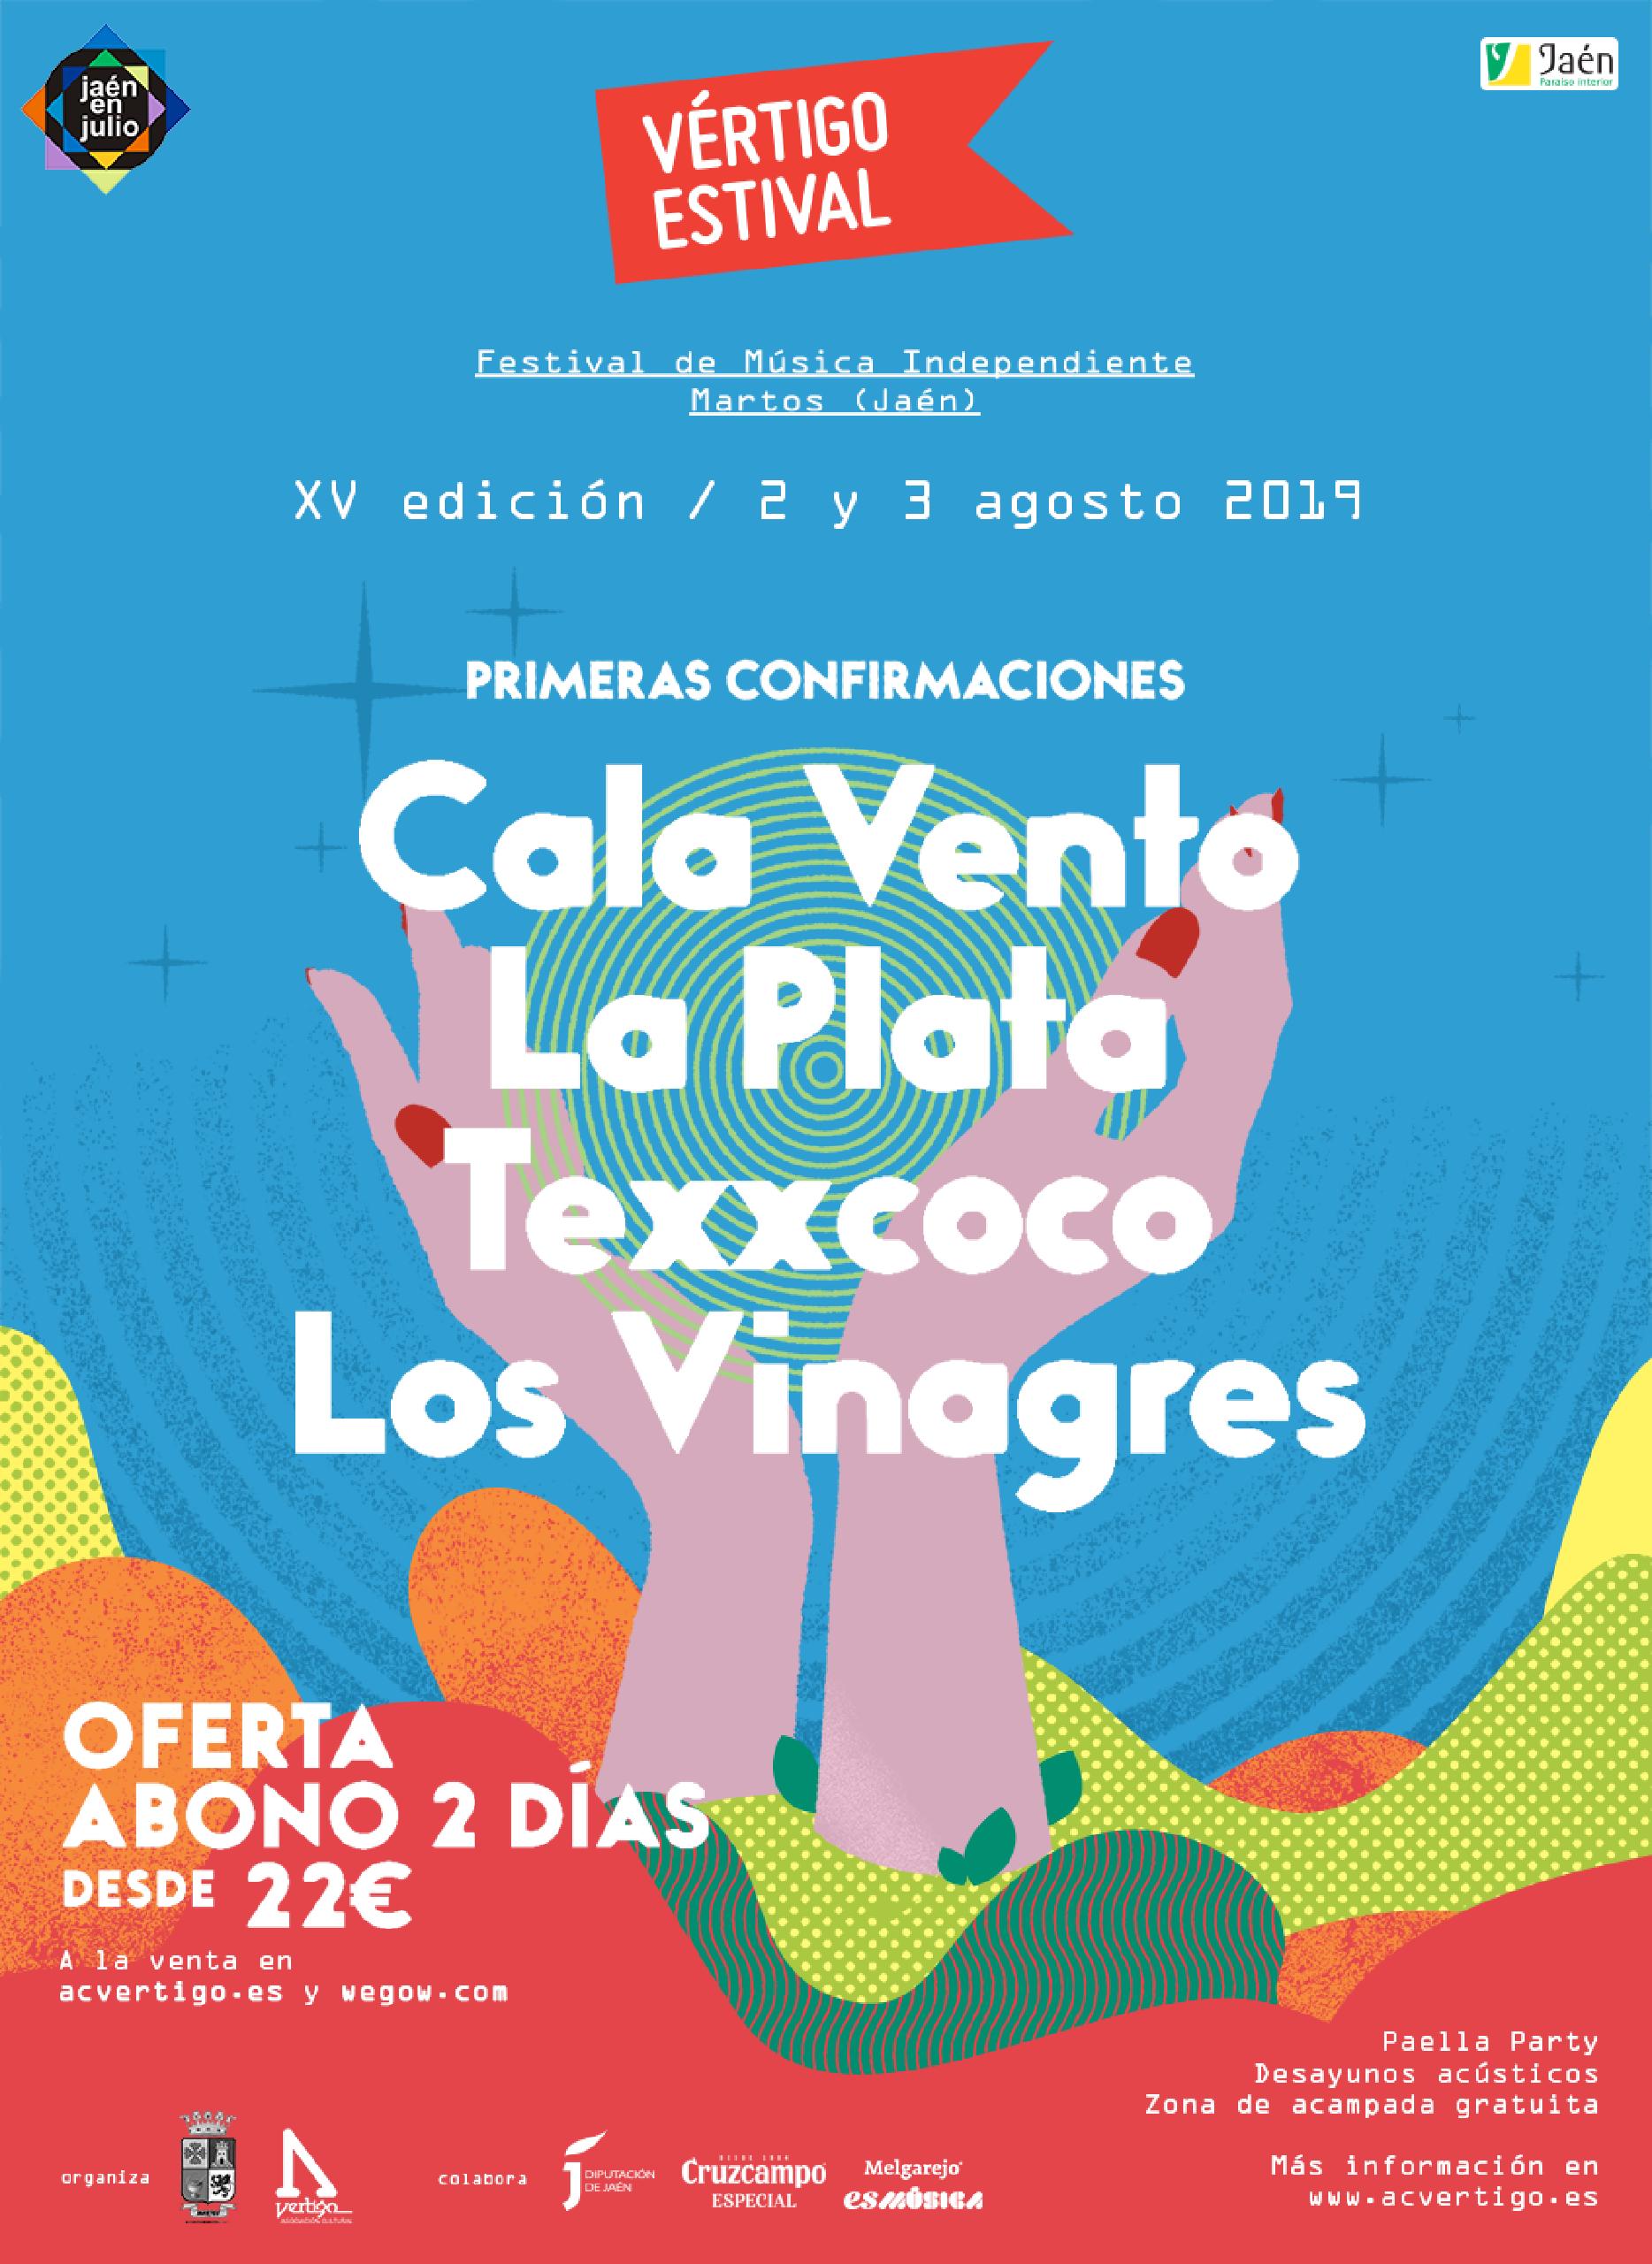 Cartel confirmaciones Vértigo Estival 2019